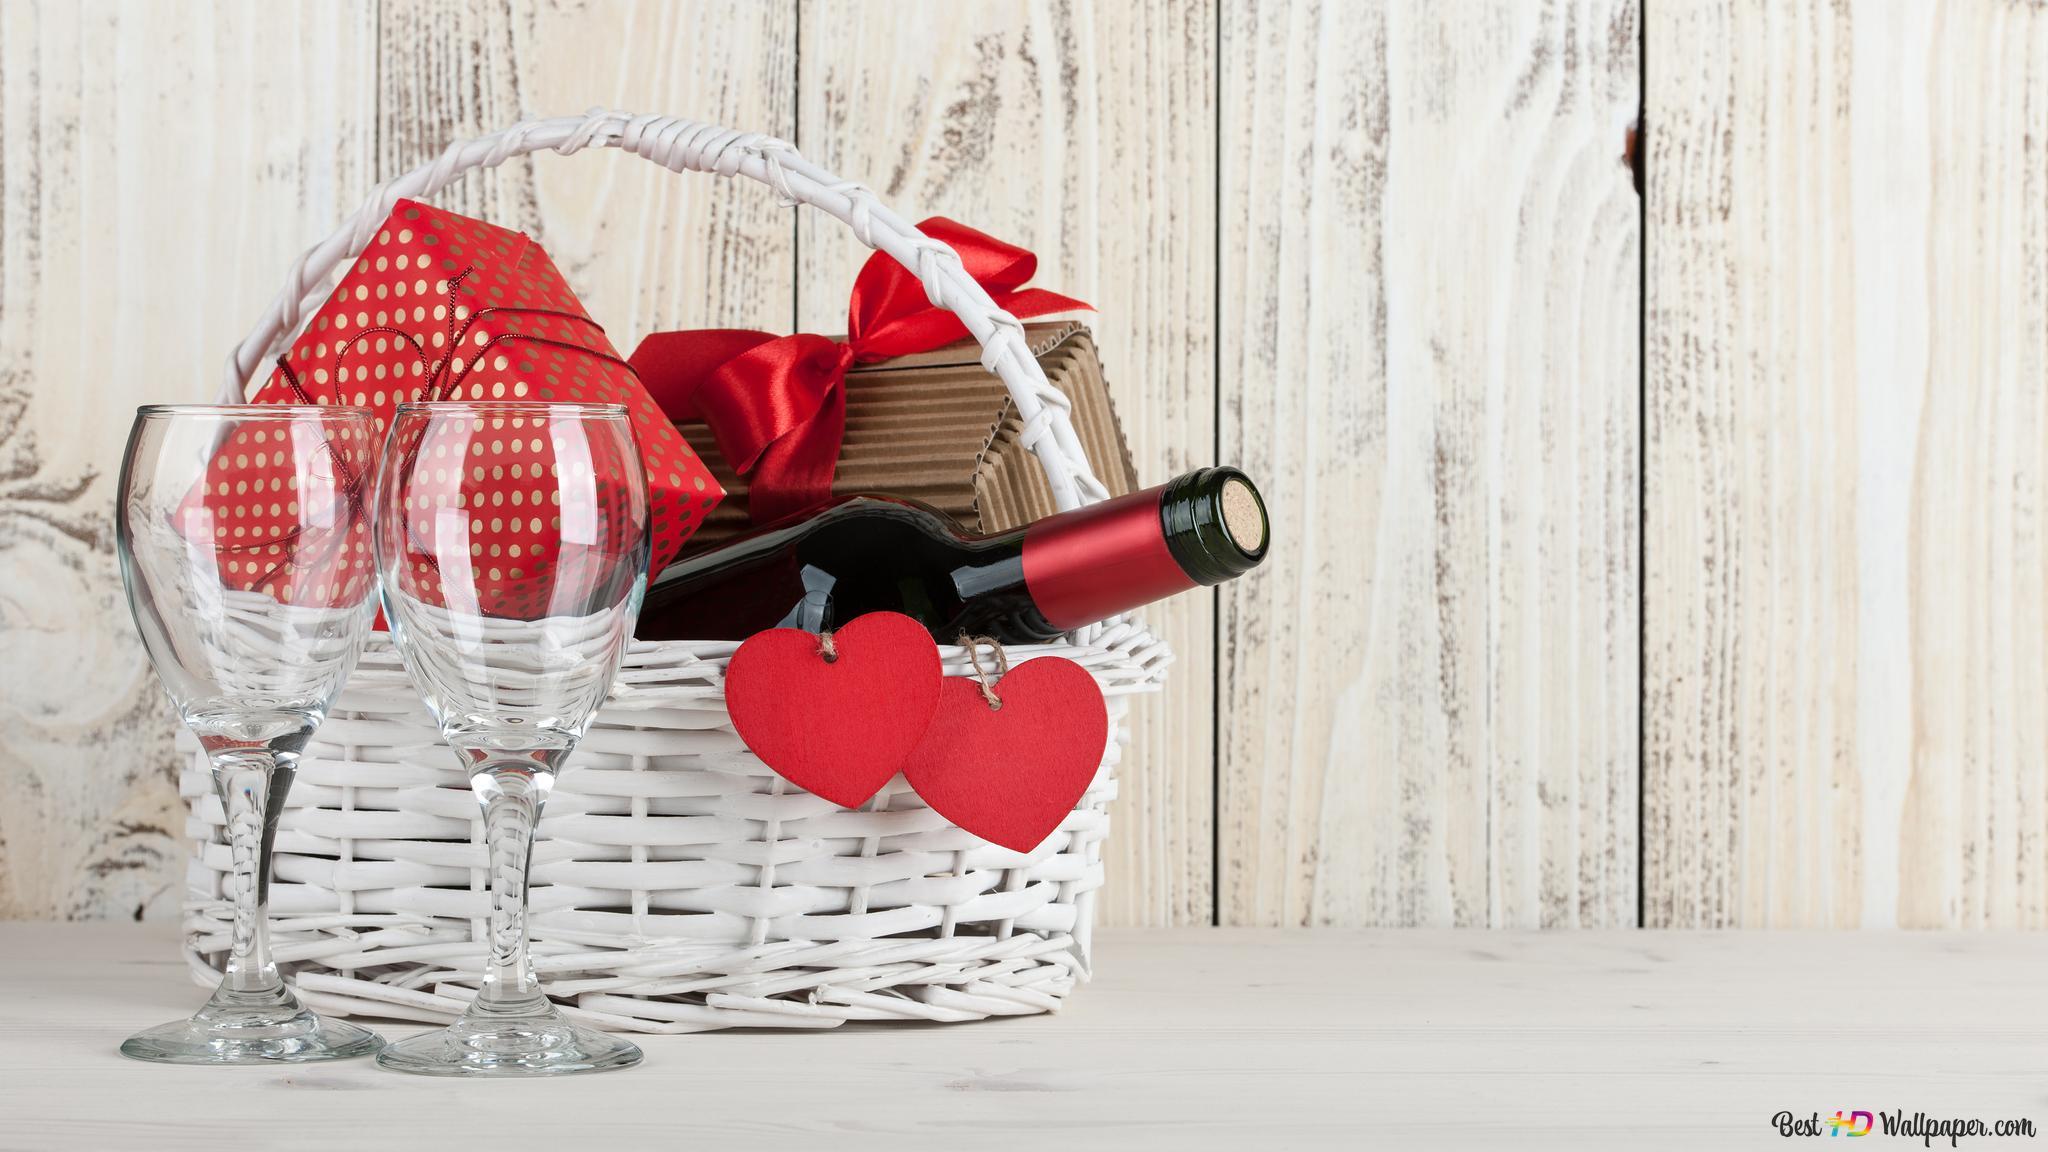 Panier De Vins Et Cadeaux Avec Fond En Bois Blanc Hd Fond D Ecran Telecharger